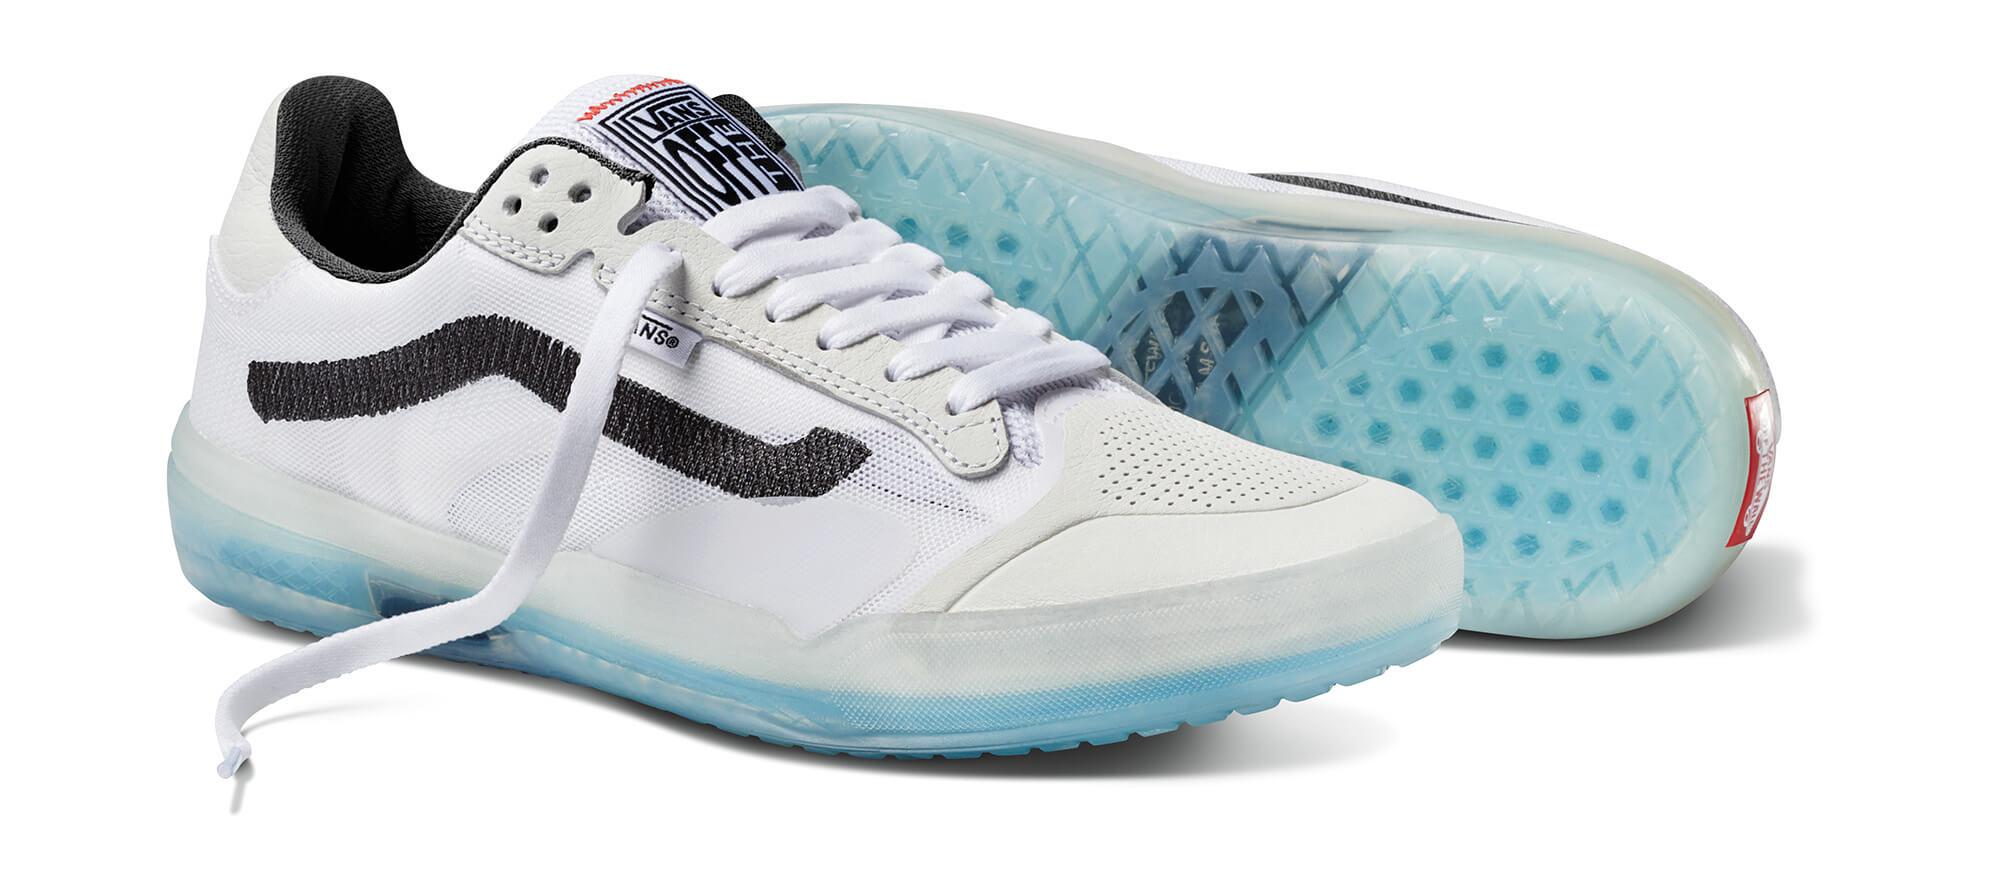 Vans EVDNTUltimateWaffle Sneaker - white/white/black - vn0a5dy74np